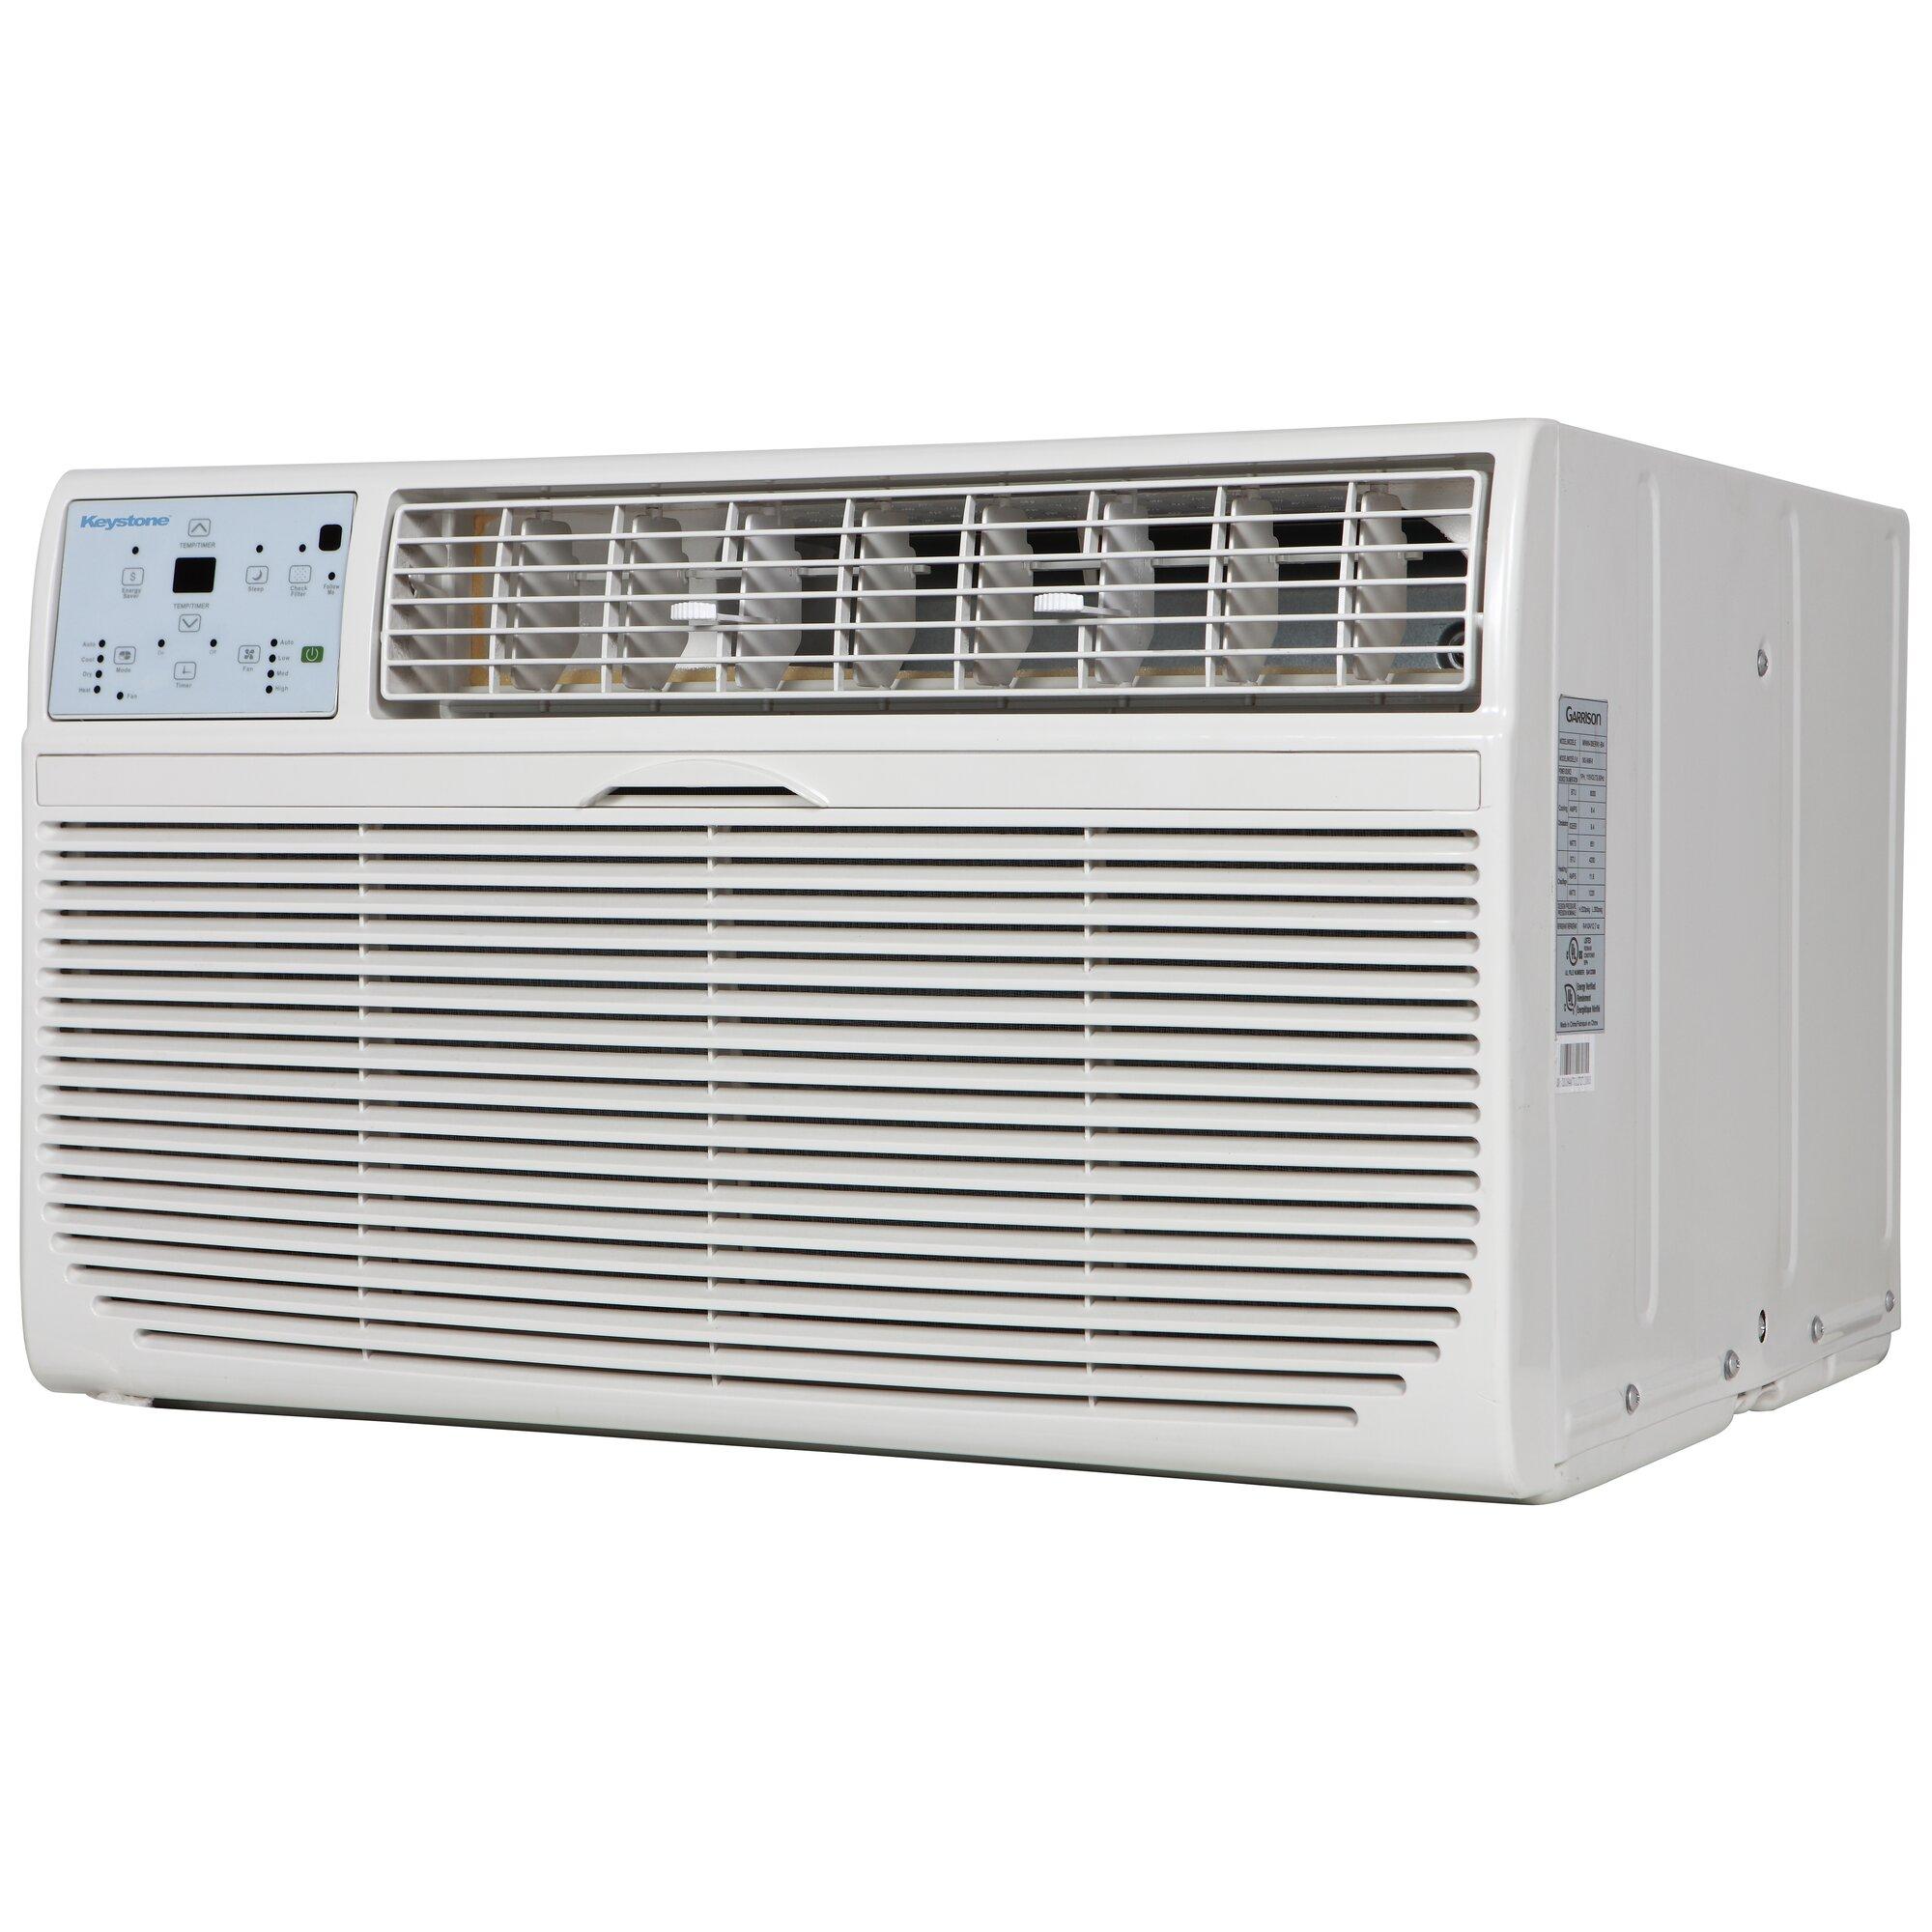 #635A4F Keystone 12 000 BTU Through The Wall Air Conditioner With  Reliable 14308 Thru The Wall Air Conditioners With Heat wallpaper with 2000x2000 px on helpvideos.info - Air Conditioners, Air Coolers and more